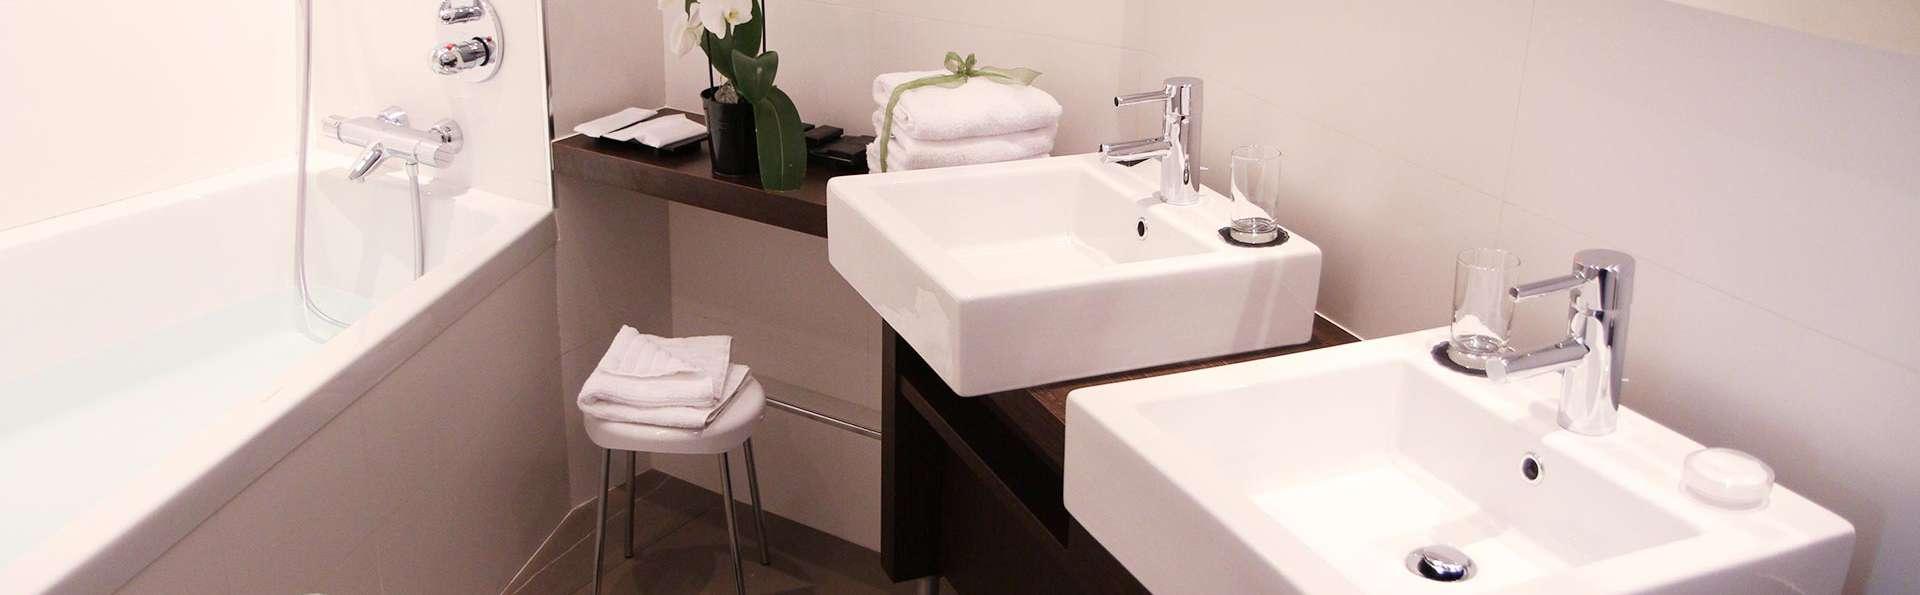 Hôtel Palladia - EDIT_bath.jpg